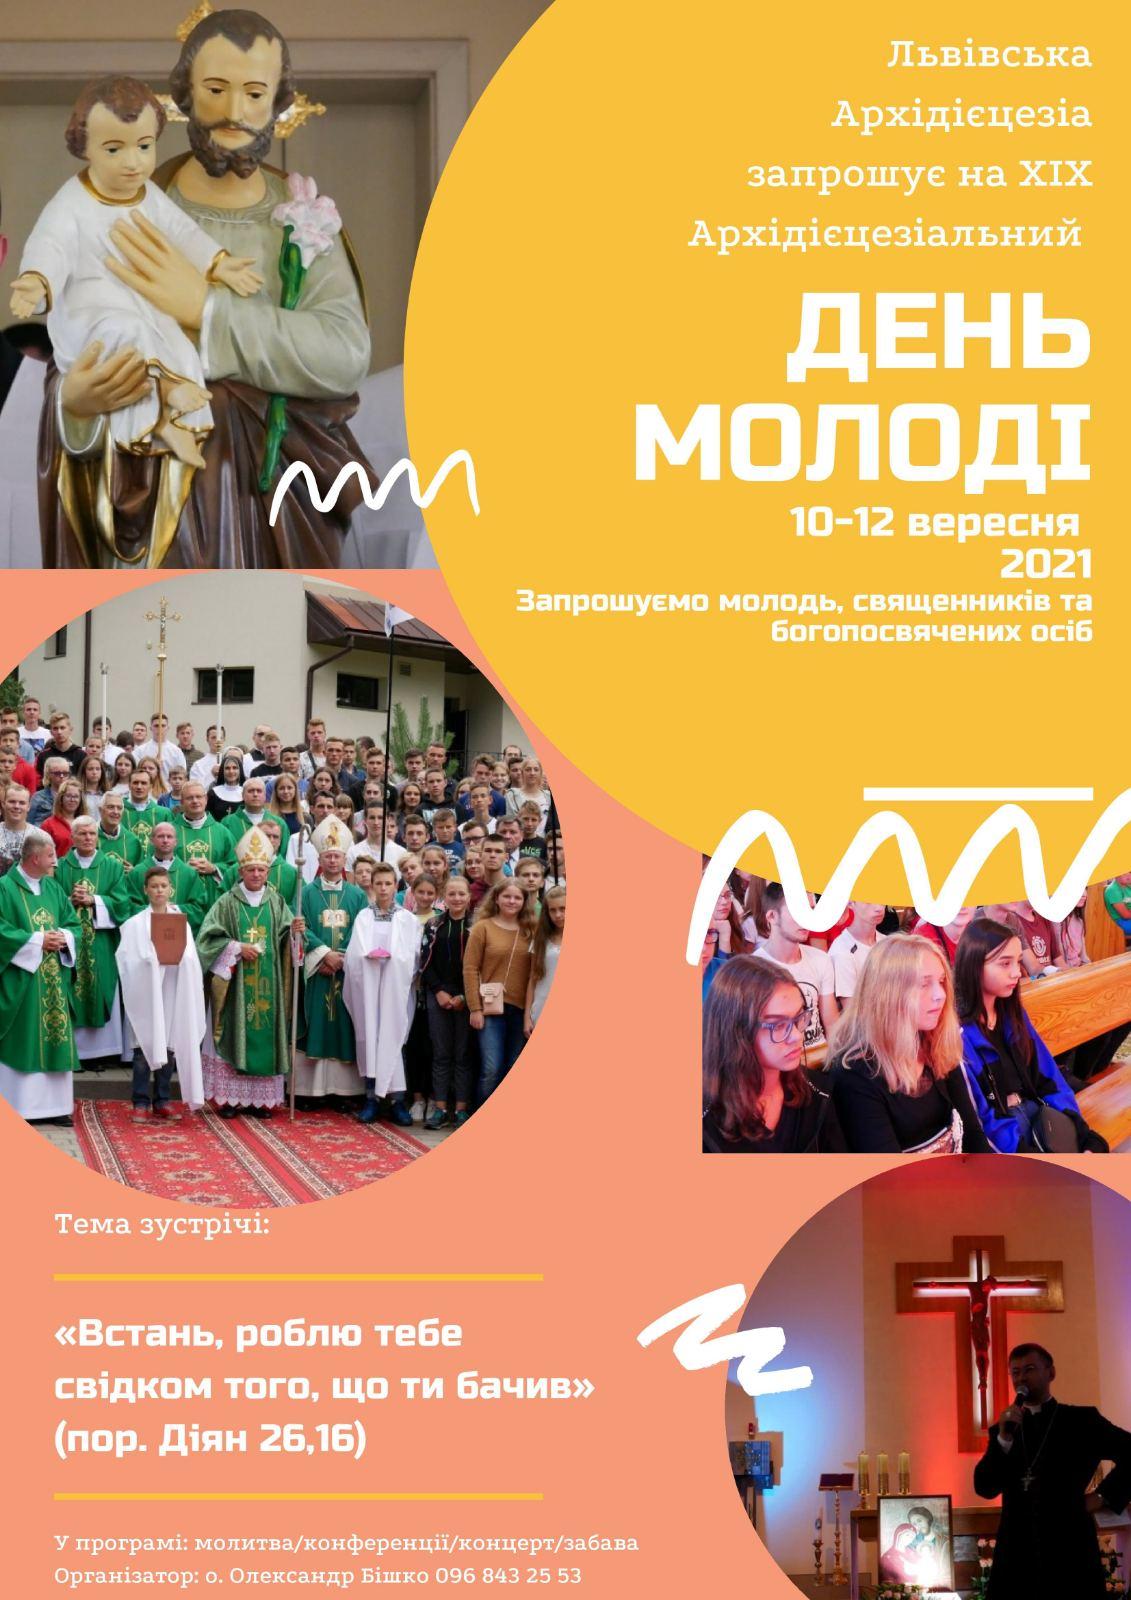 Запрошення на ХIX Архідієцезіяльний День Молоді 10 – 12 вересня